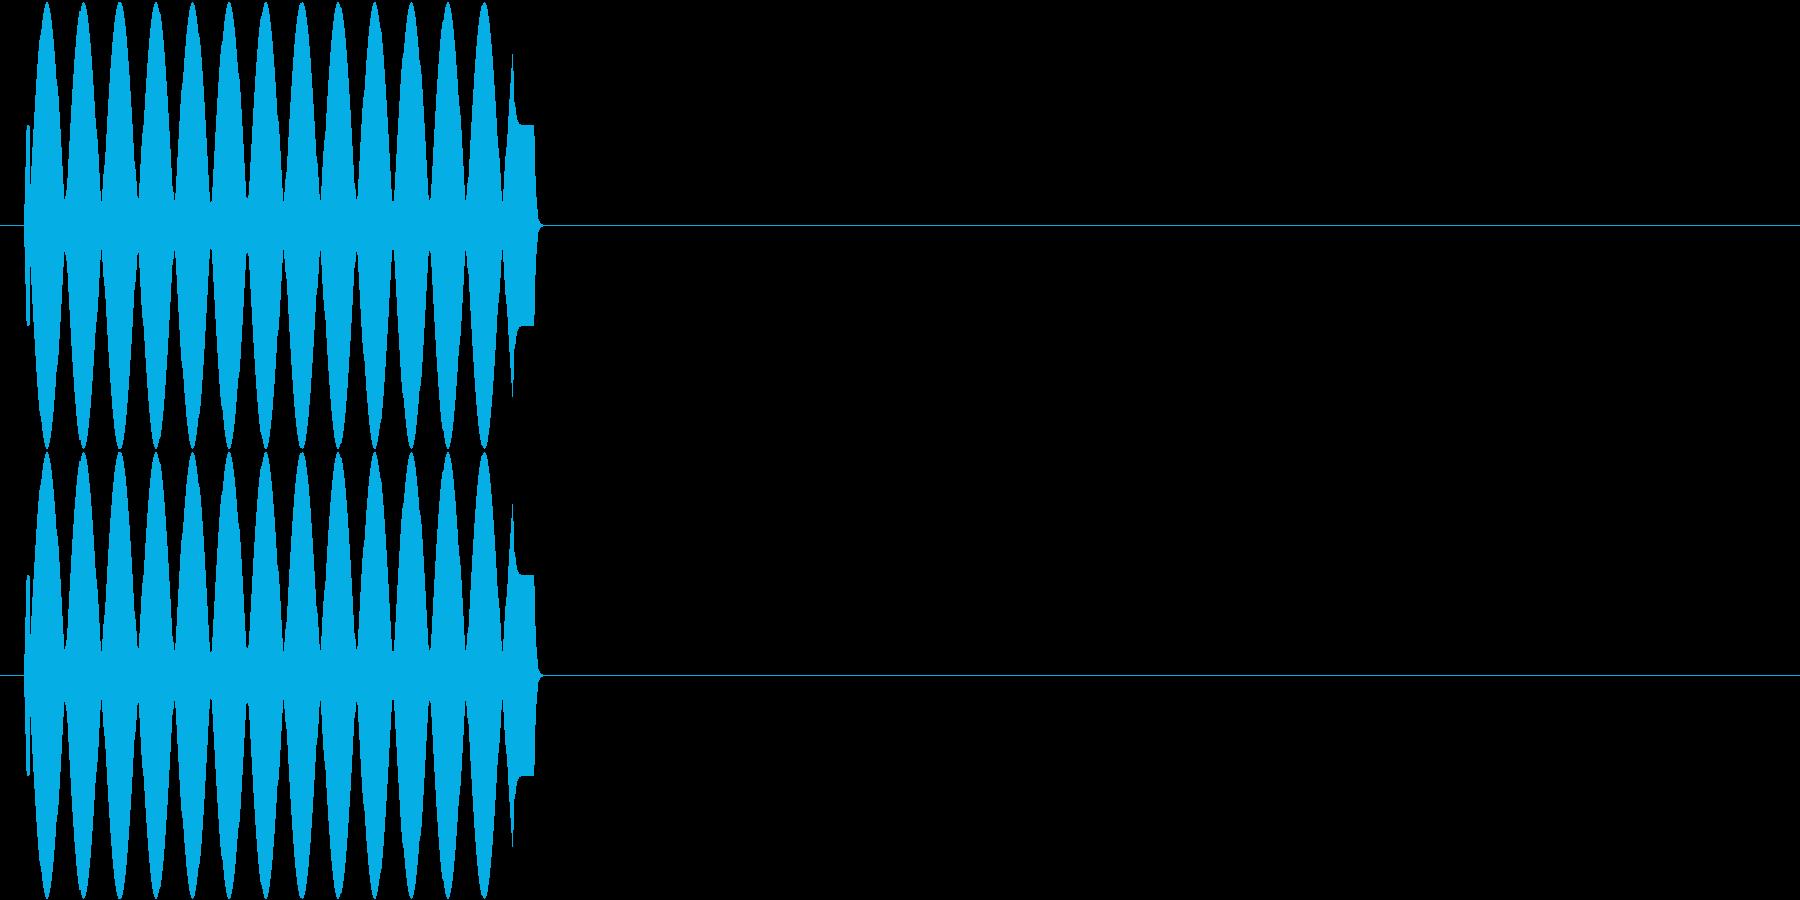 ハズレ エラー音 プ---♪の再生済みの波形